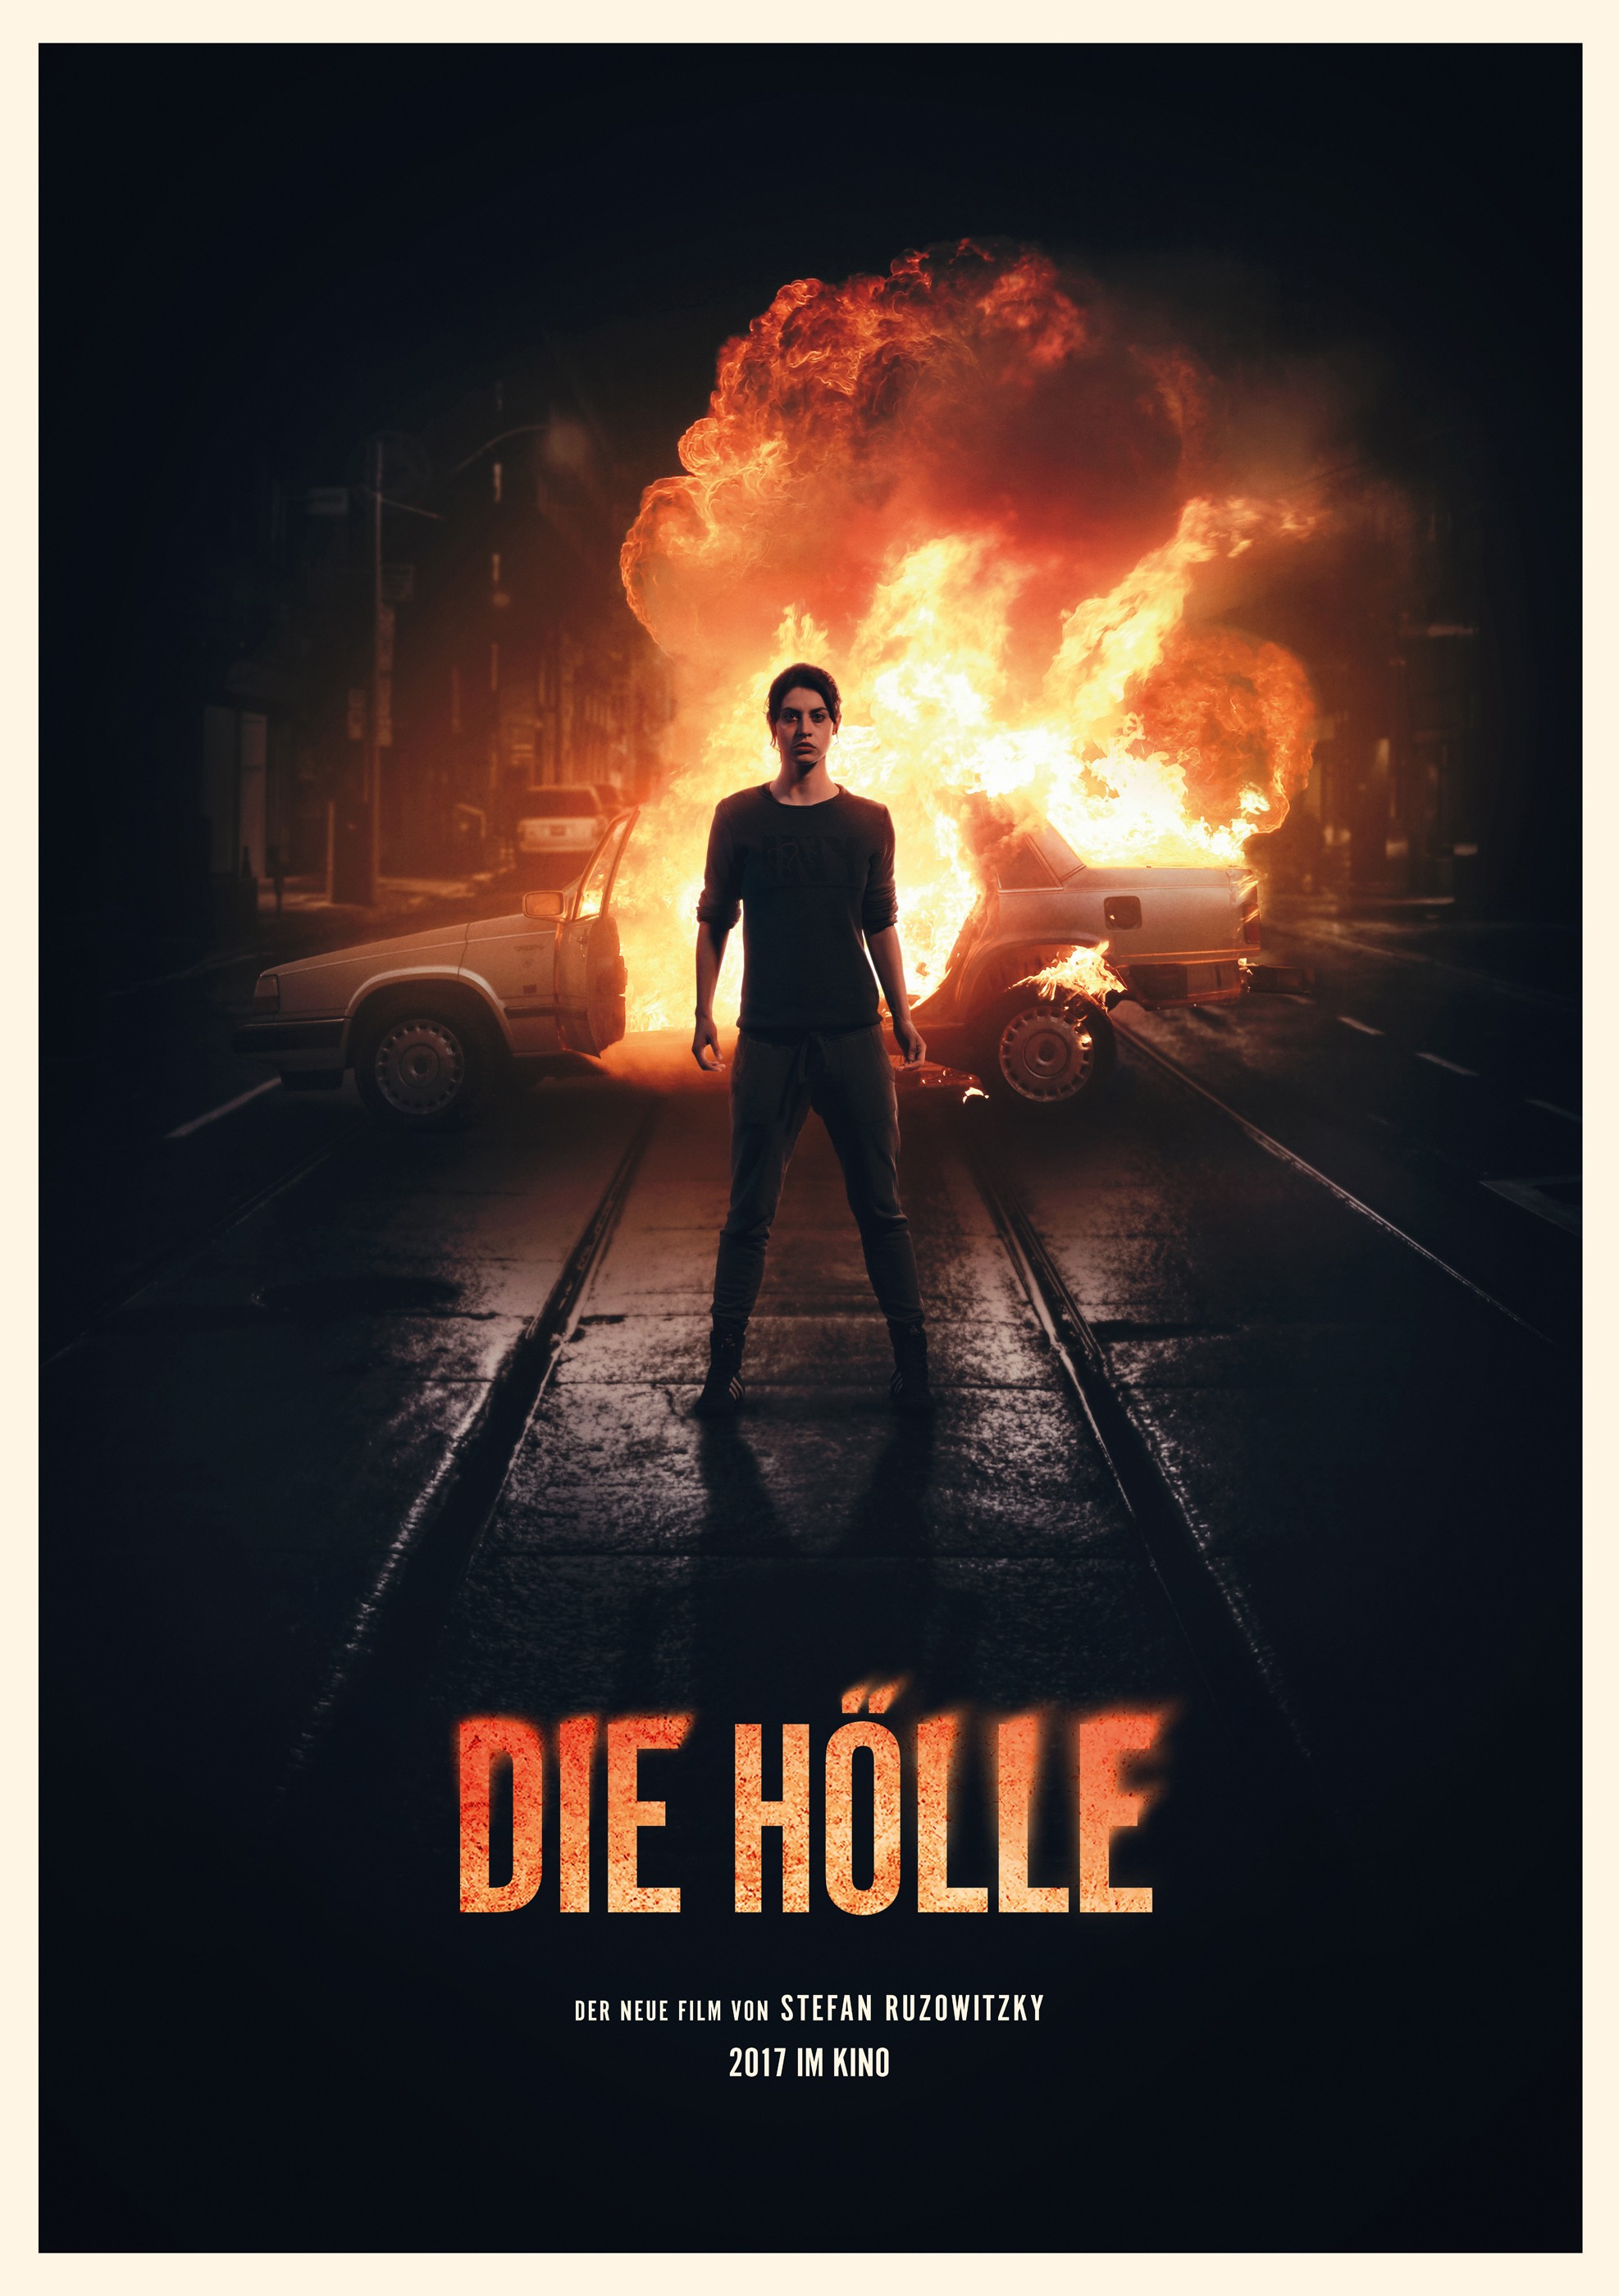 Filme über Die Hölle